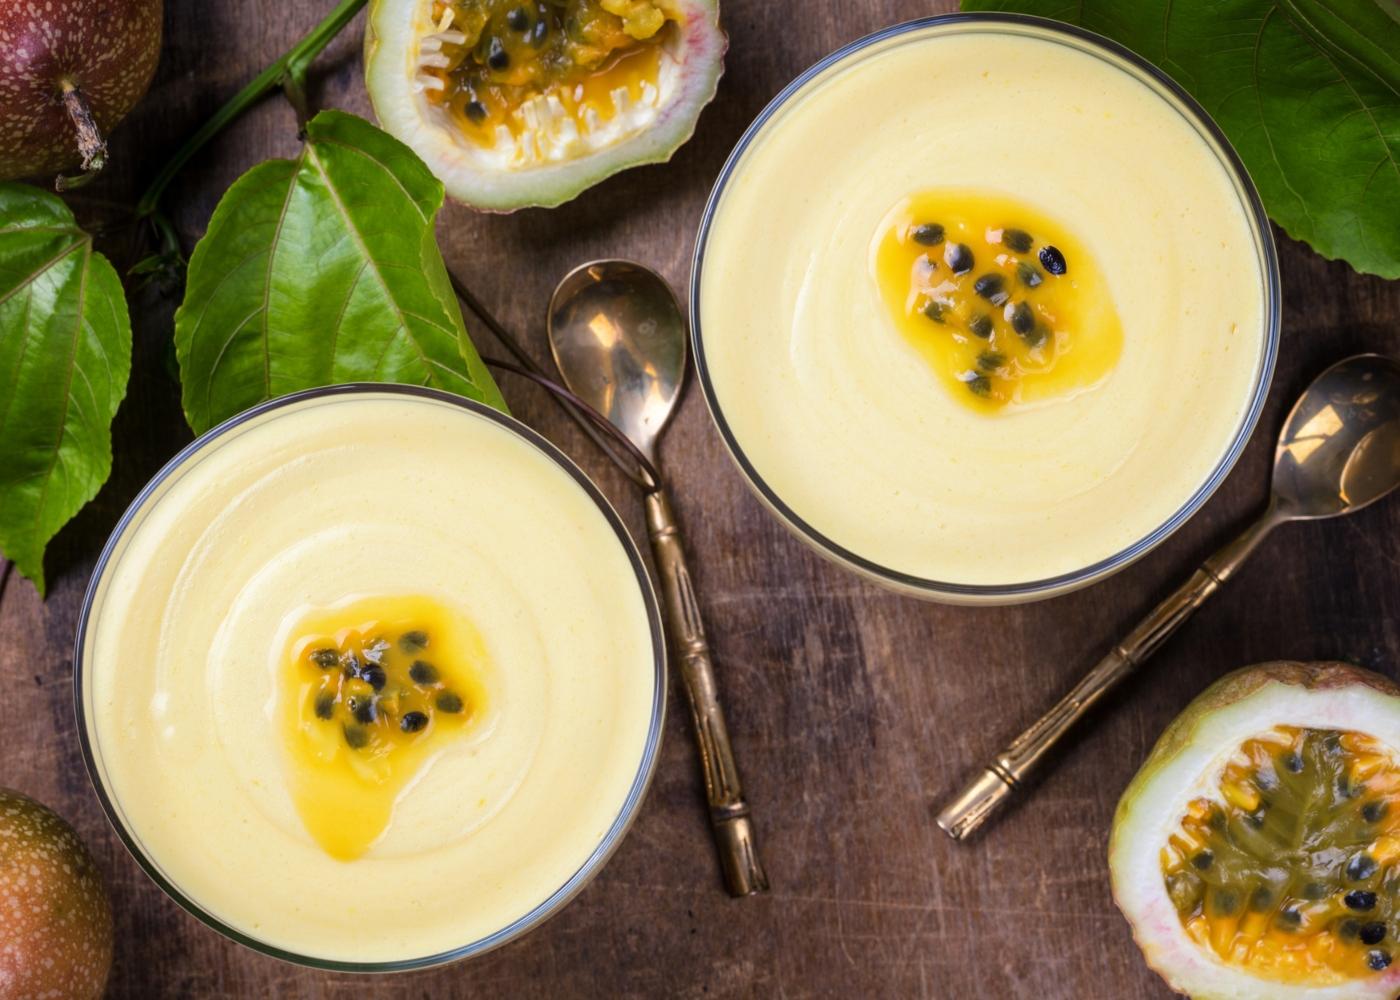 Taças com mousse de maracujá, leite condensado e iogurte